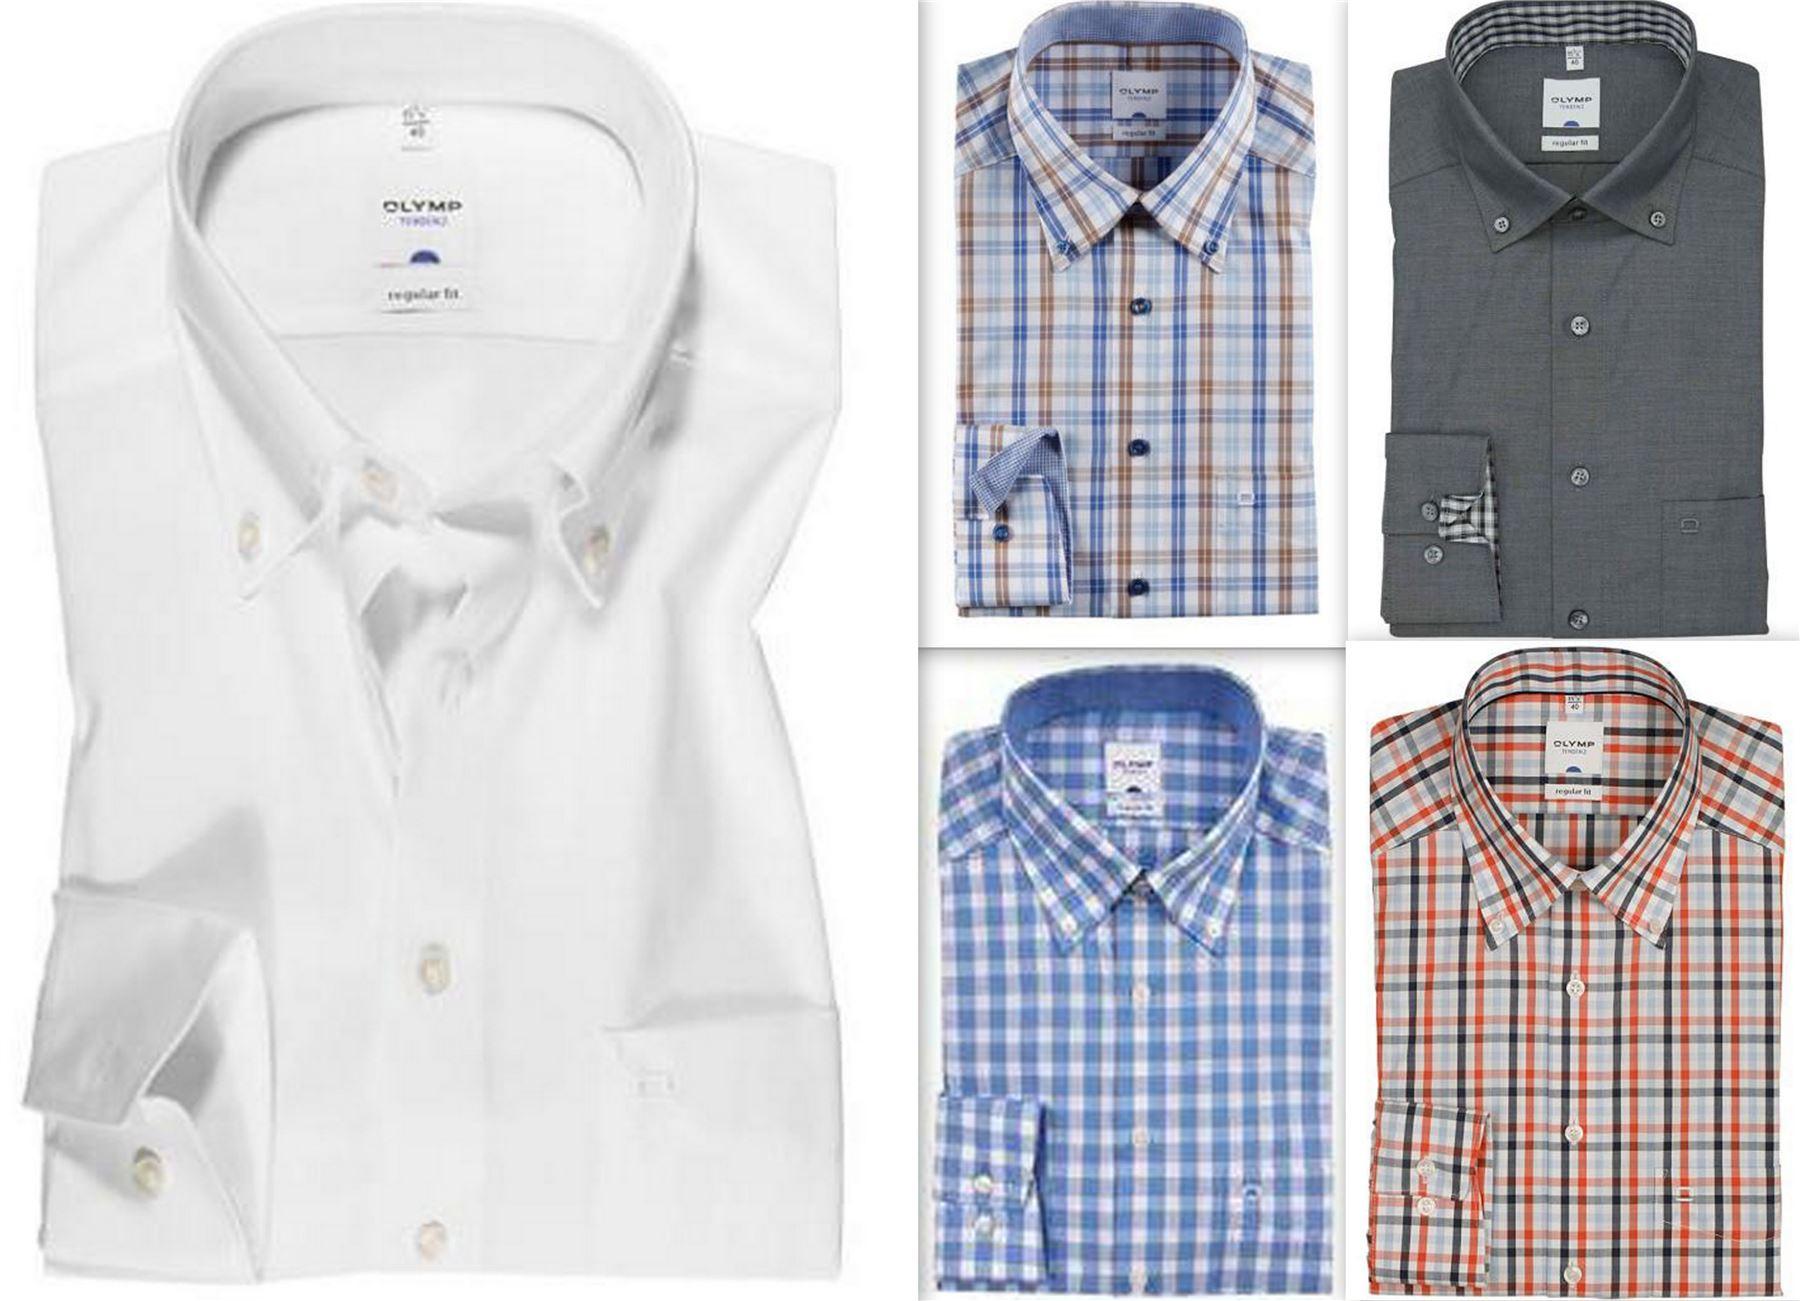 Mens Shirt Olymp Tendenz Modern Regular Fit Textured Pure Cotton Long Sleeve